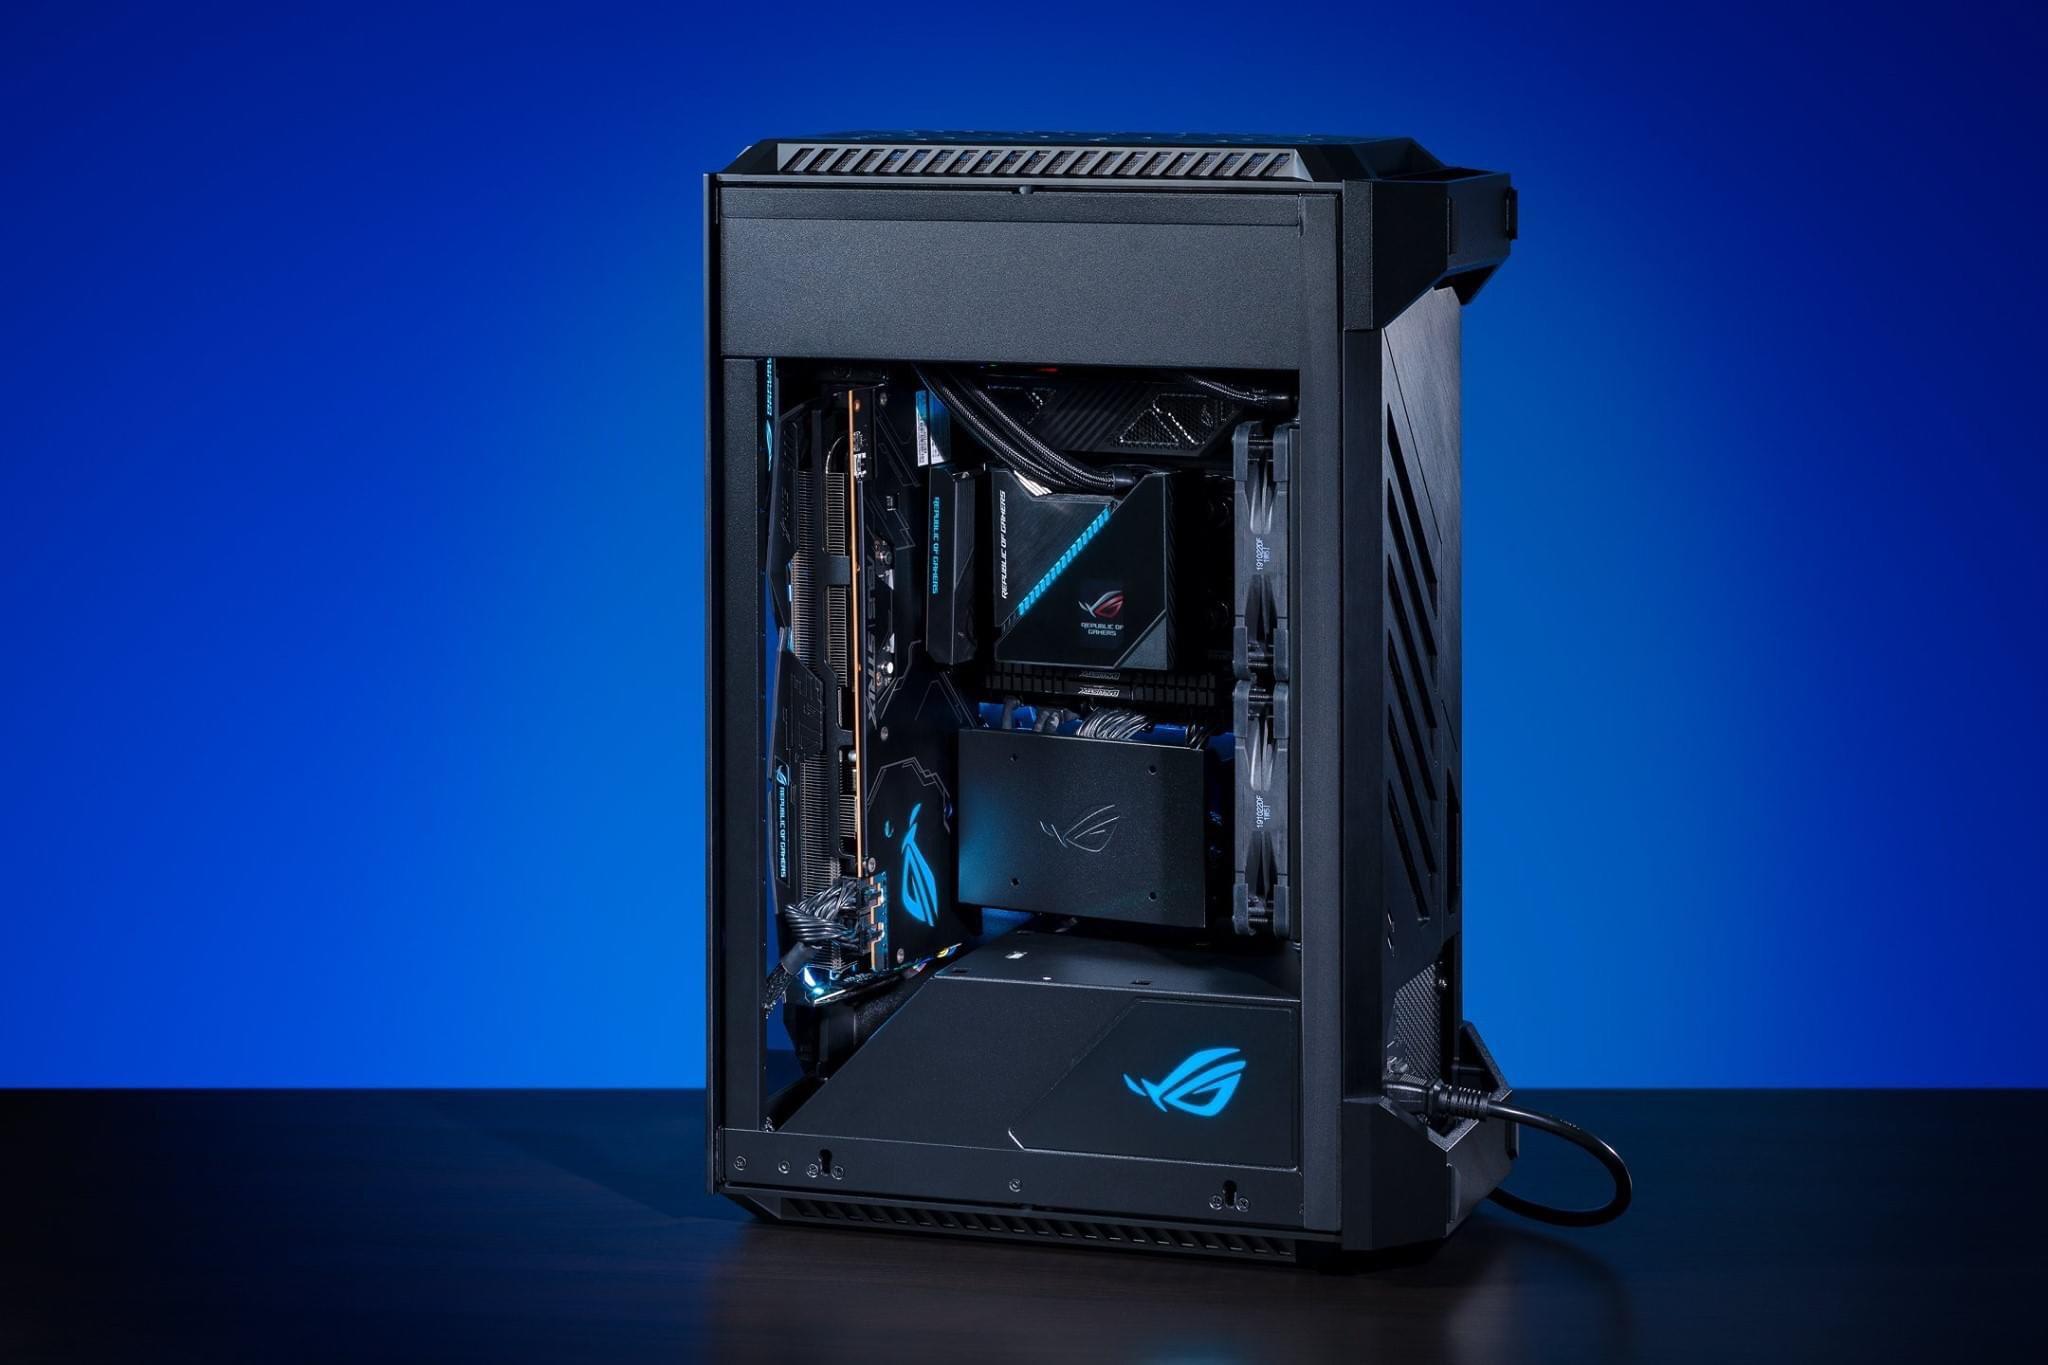 Asus ROG Z11 ITX (Mini ITX Tower/Màu đen) giới thiệu 4